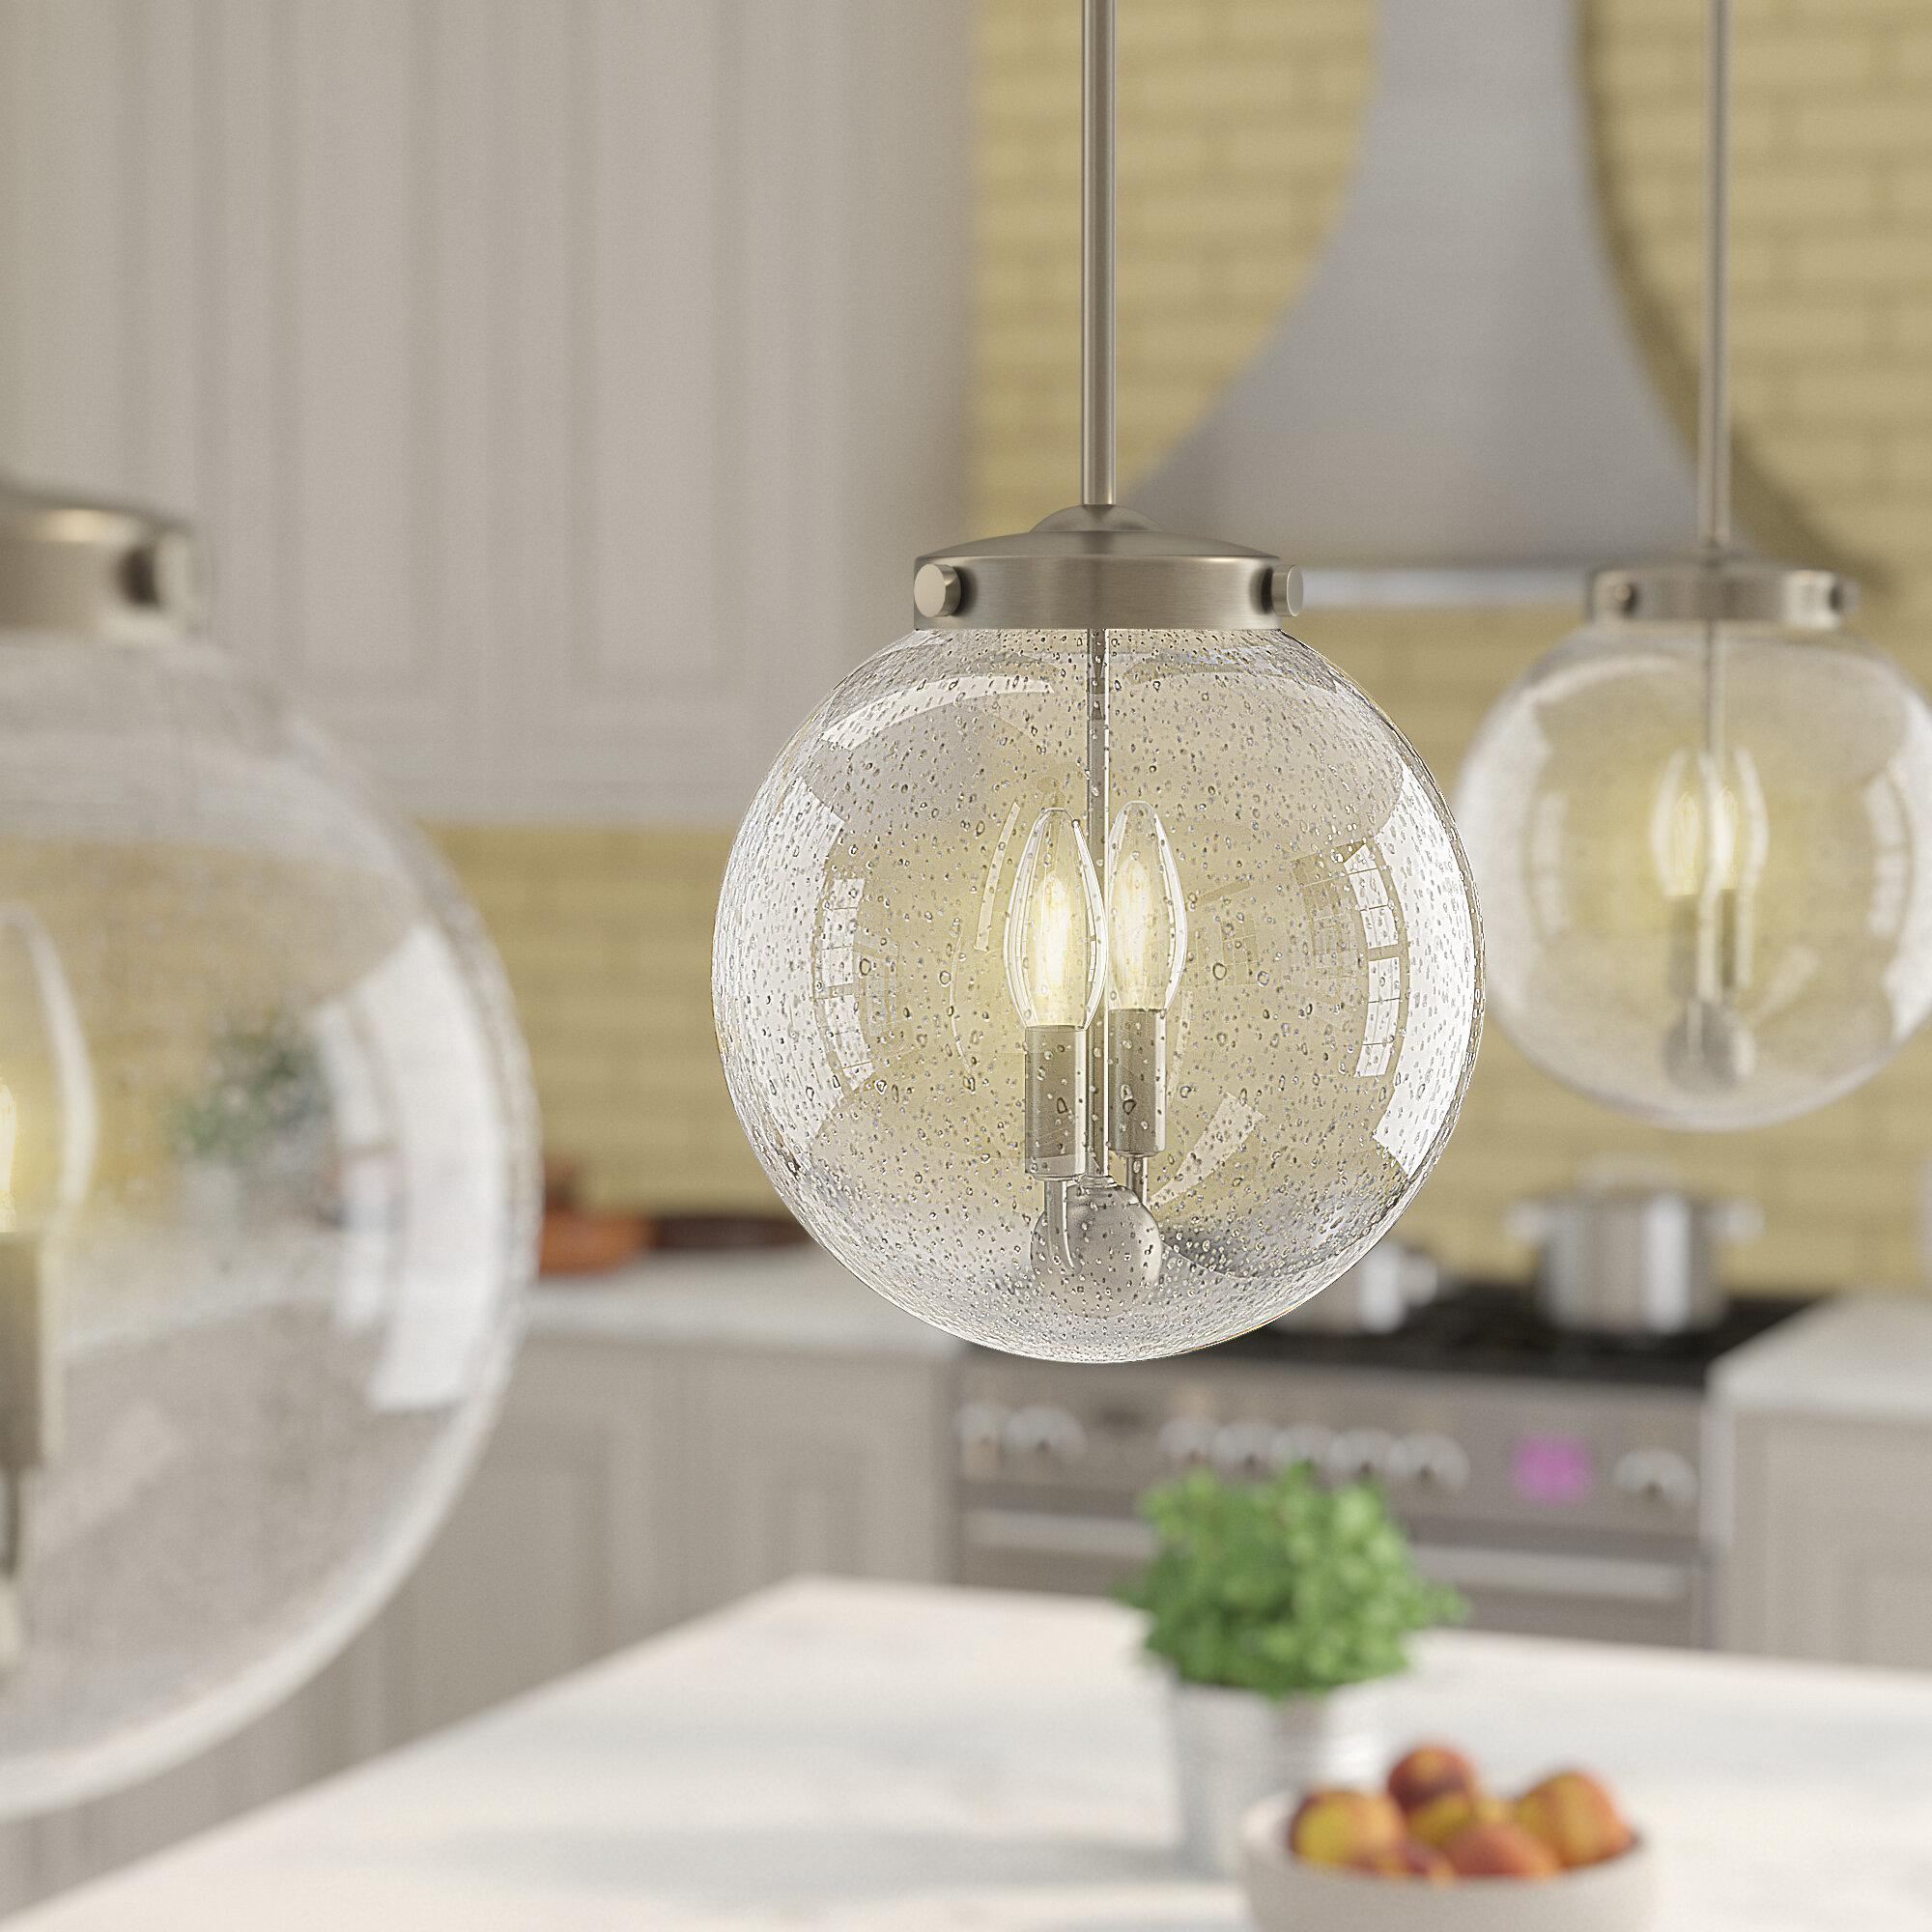 Ebern Designs Adamell 2 Light Single Globe Pendant Reviews Wayfair